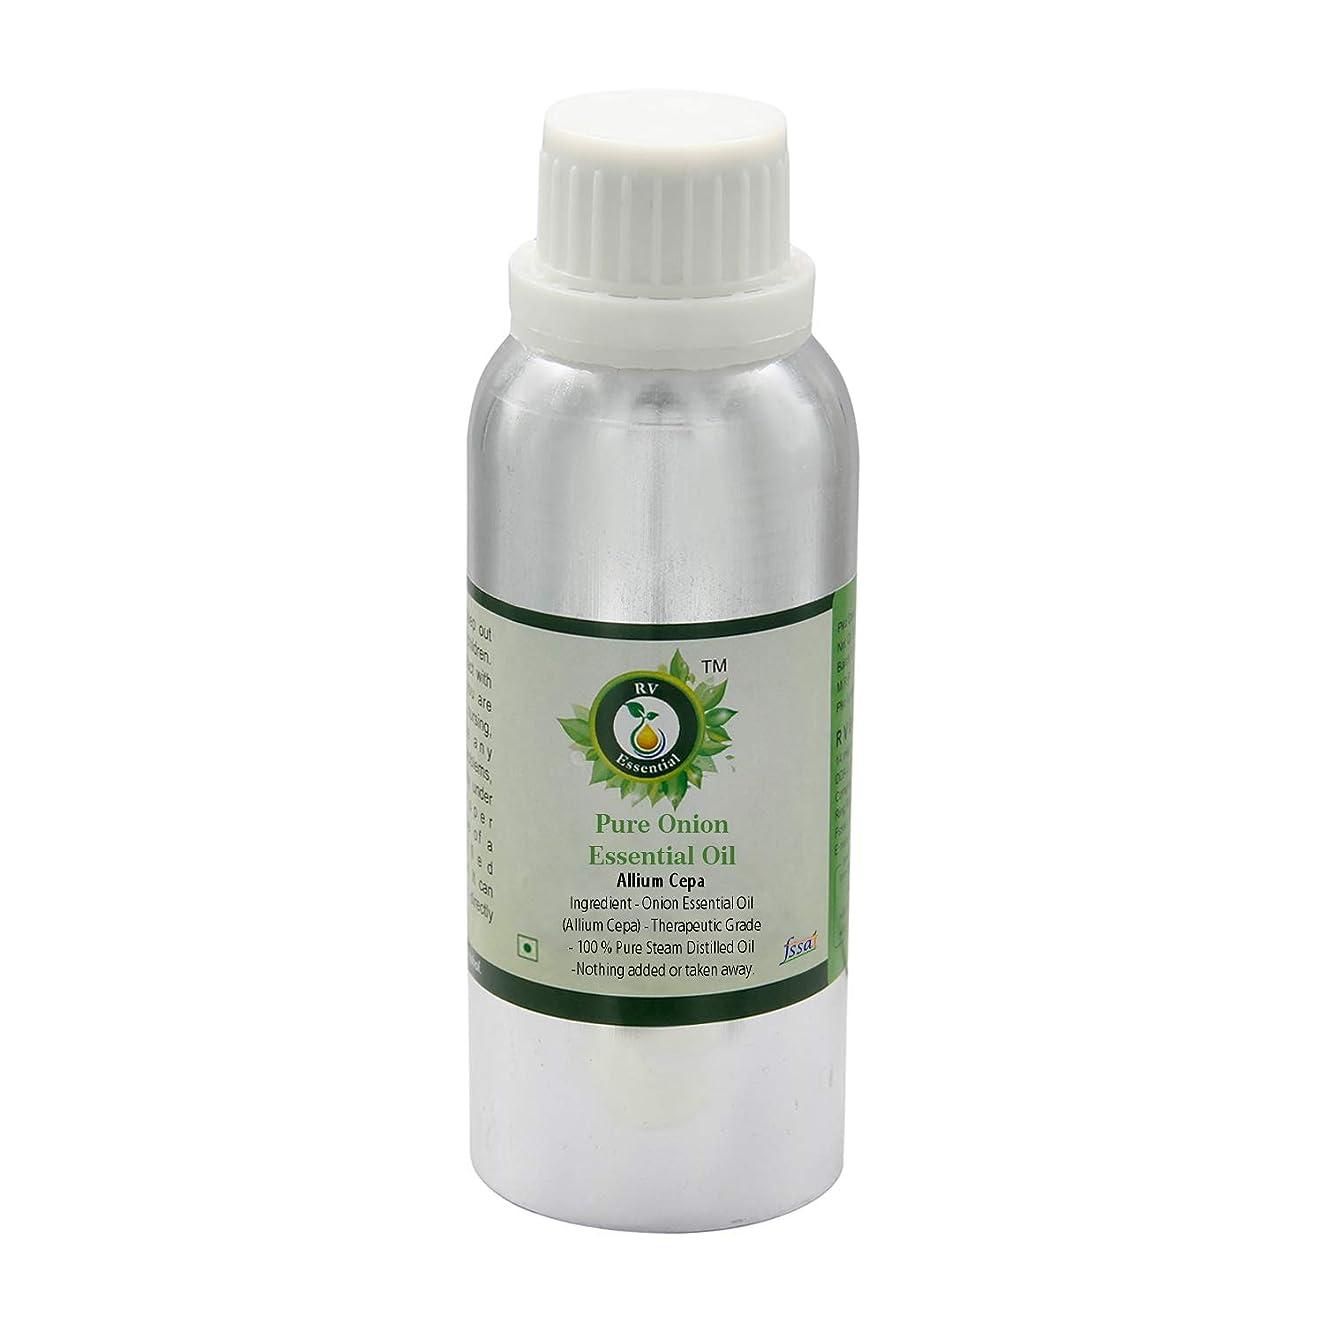 ピュアエッセンシャルオイルオニオン630ml (21oz)- Allium Cepa (100%純粋&天然スチームDistilled) Pure Onion Essential Oil